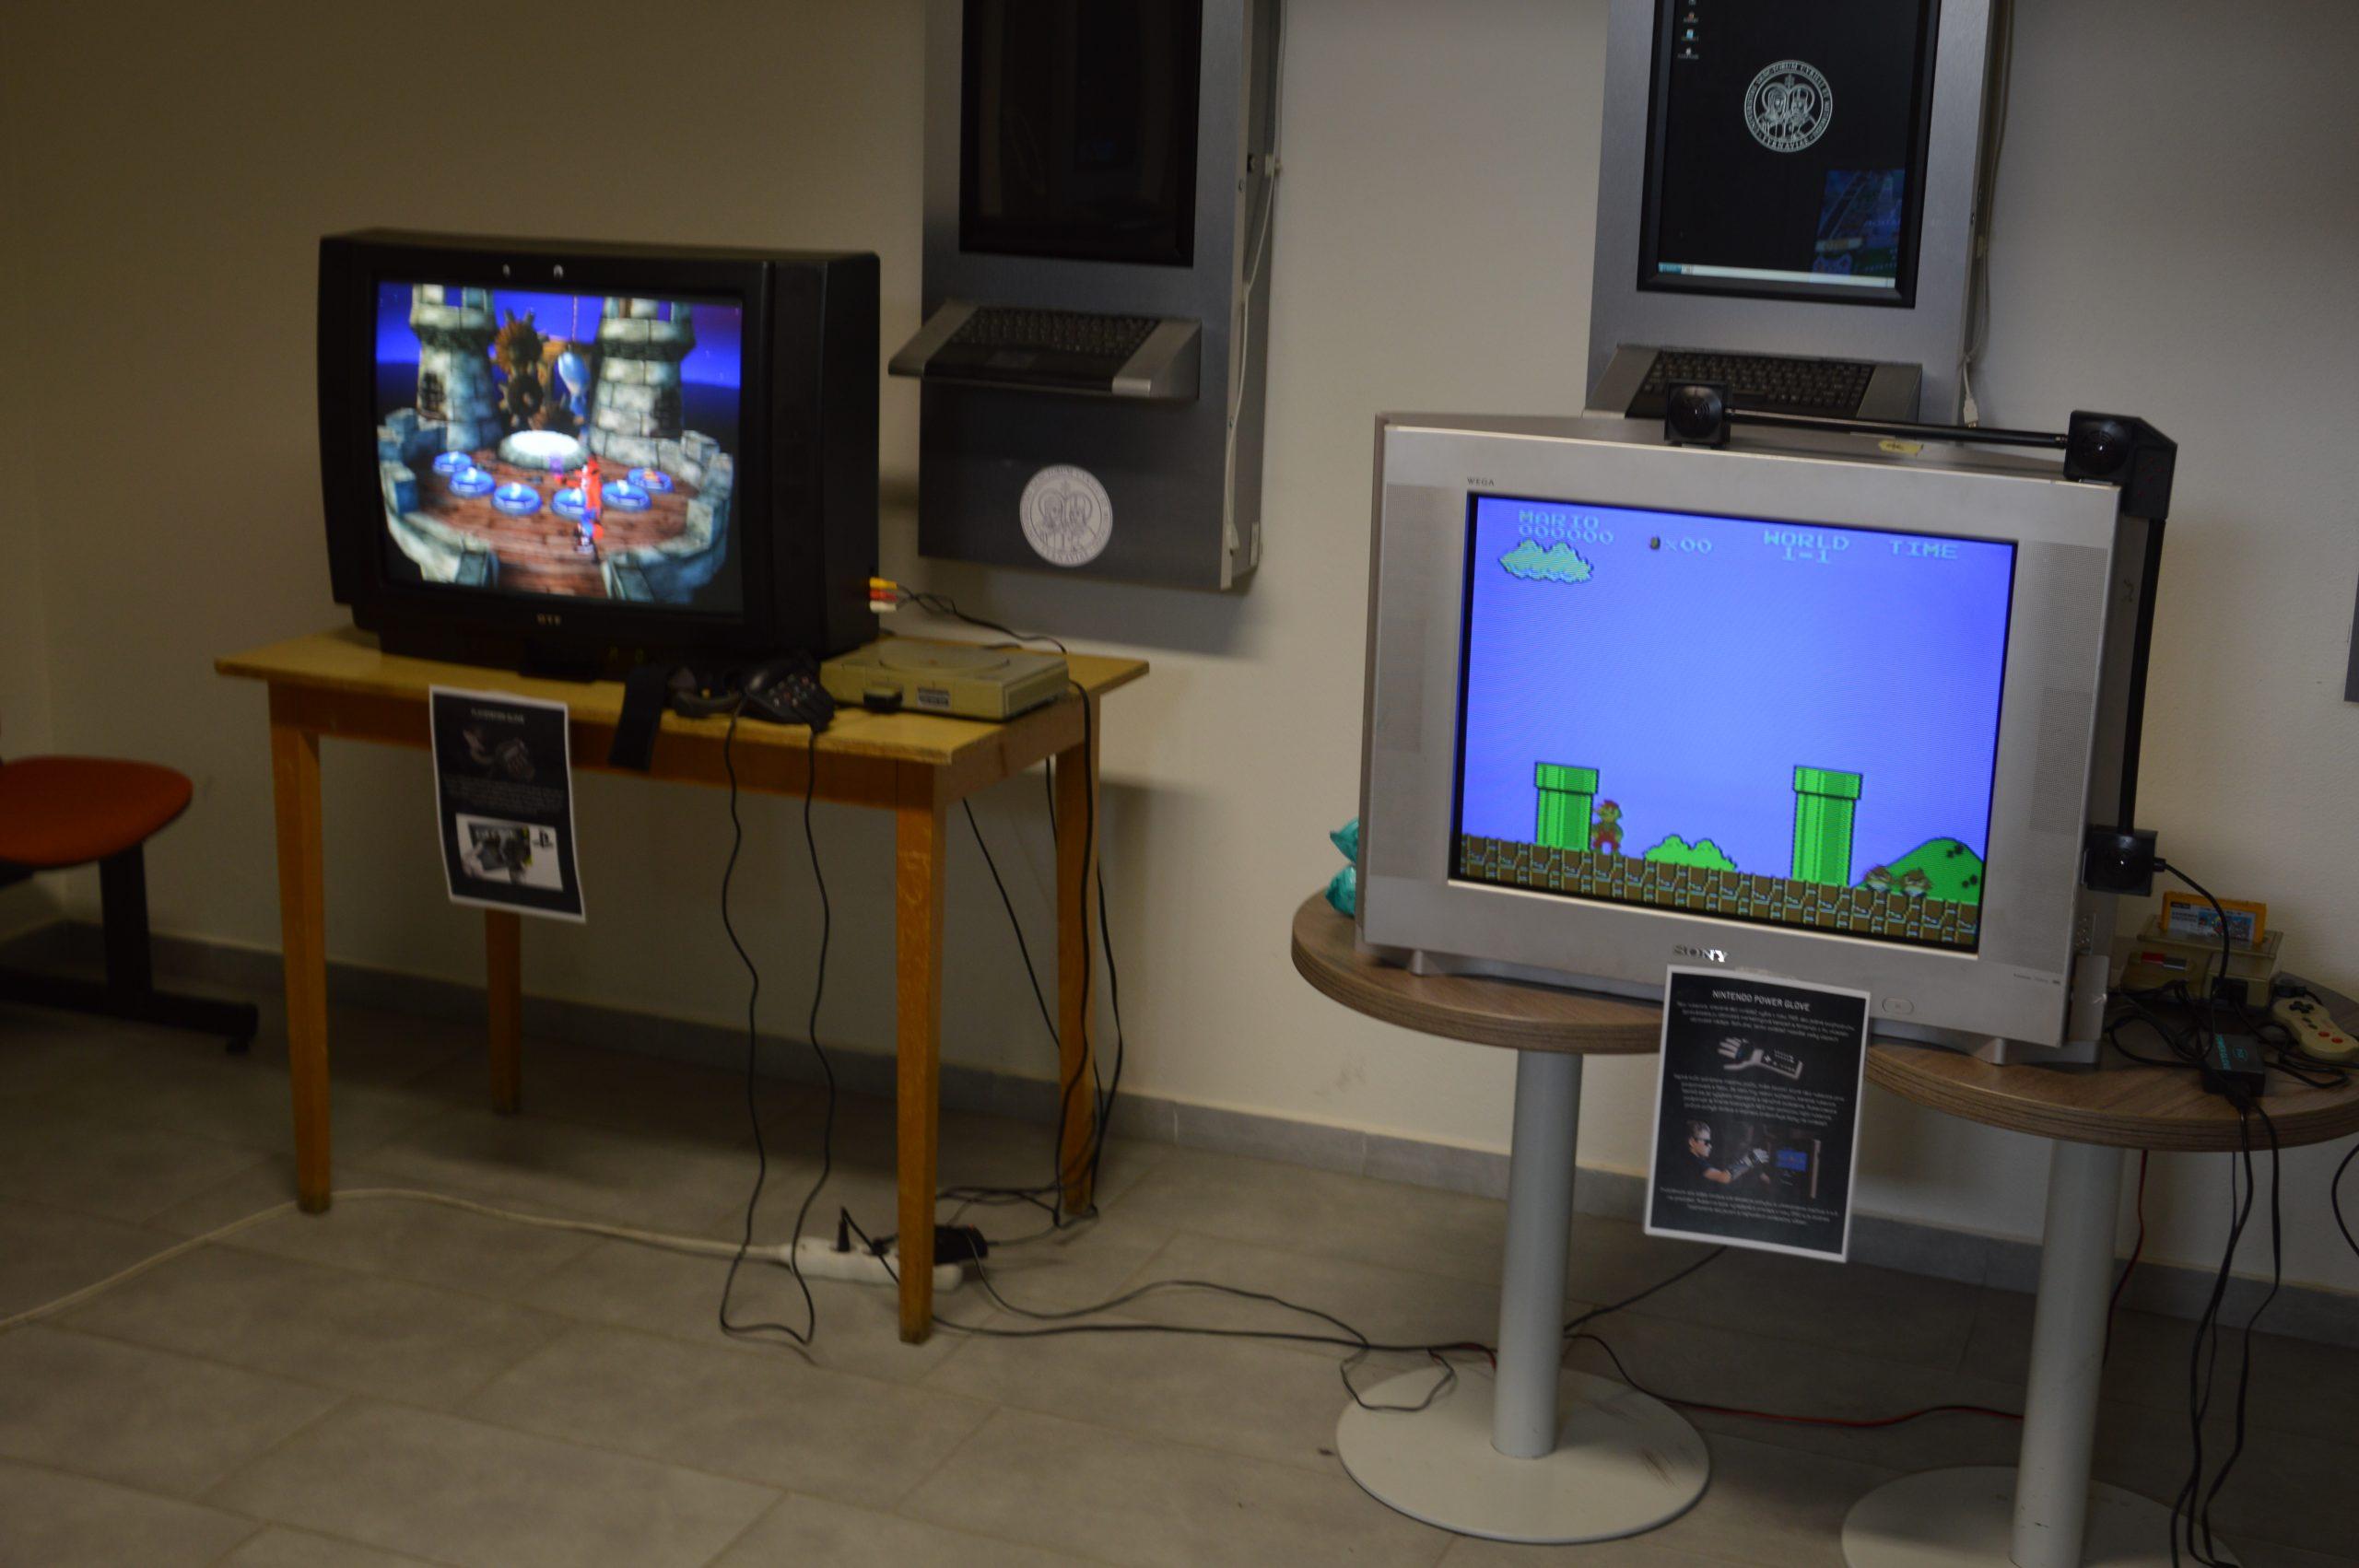 Nesmela chýbať hra Super Mario. Zdroj: Daniel Bíro